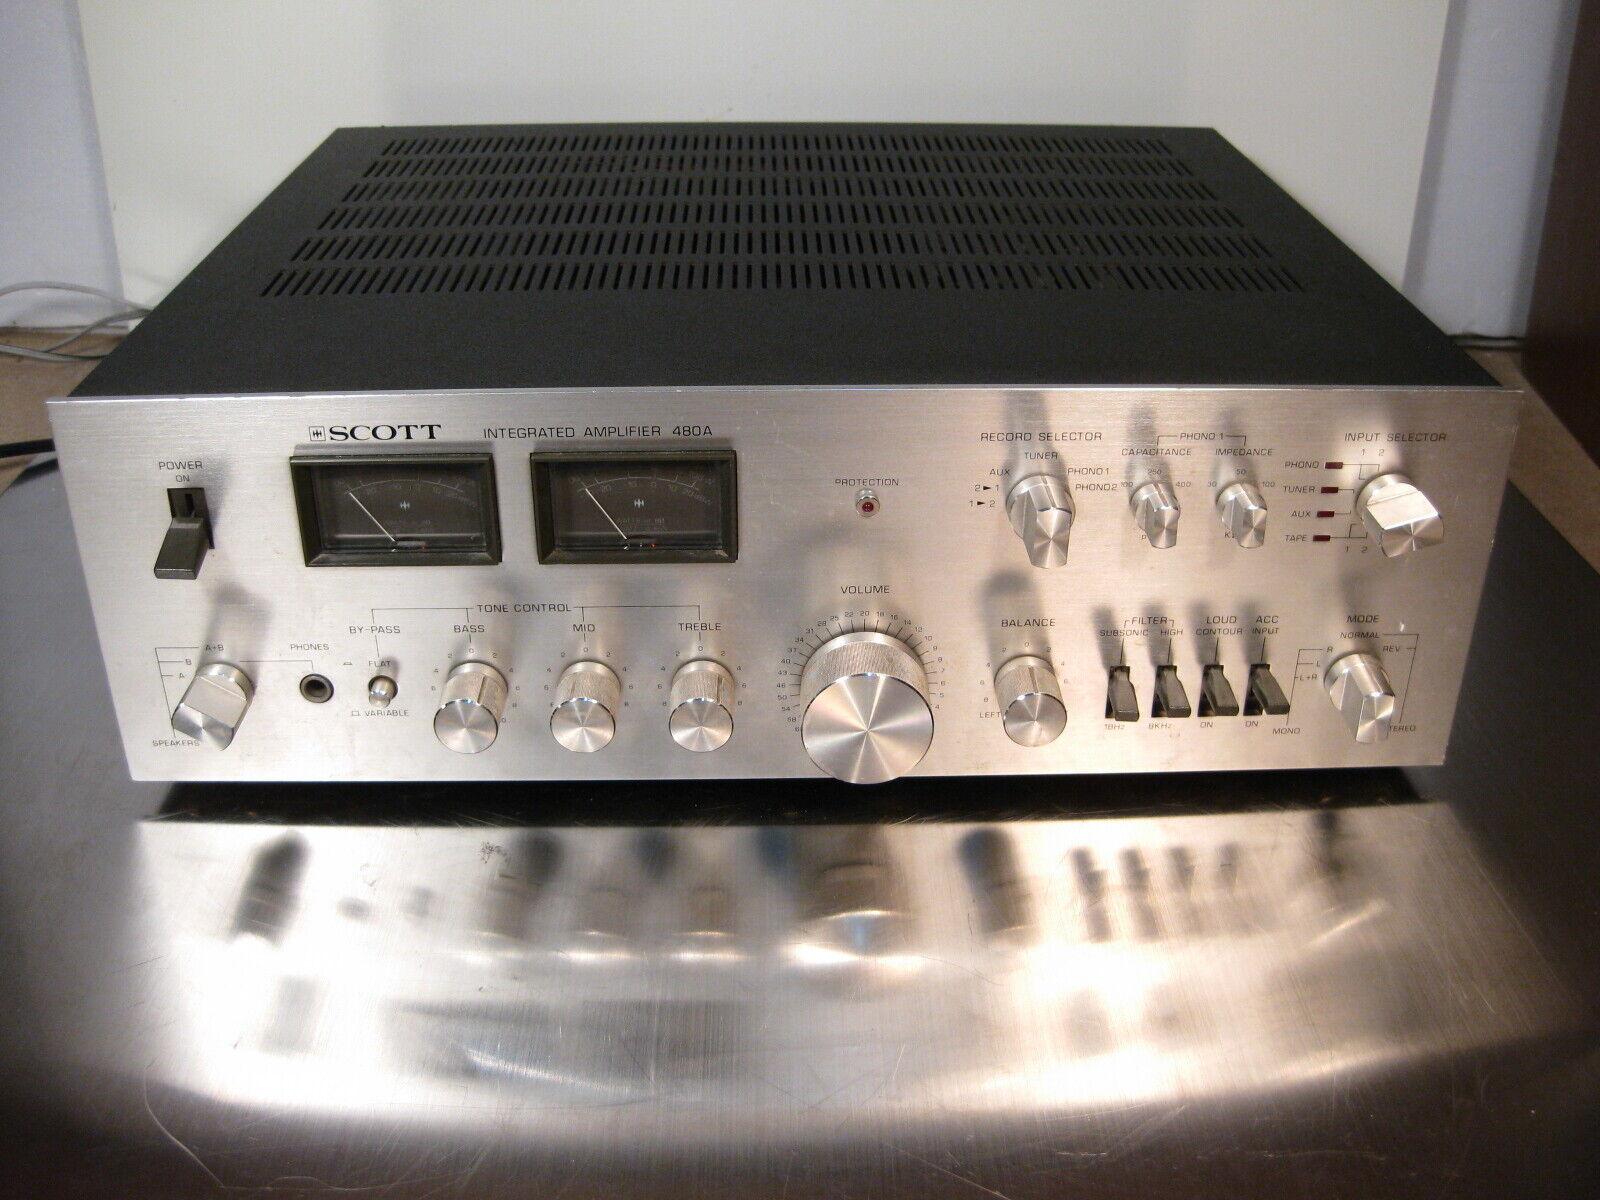 Ampli intégré vintage scott  480a 480 a , huge ,bad smell !! mauvaise odeur